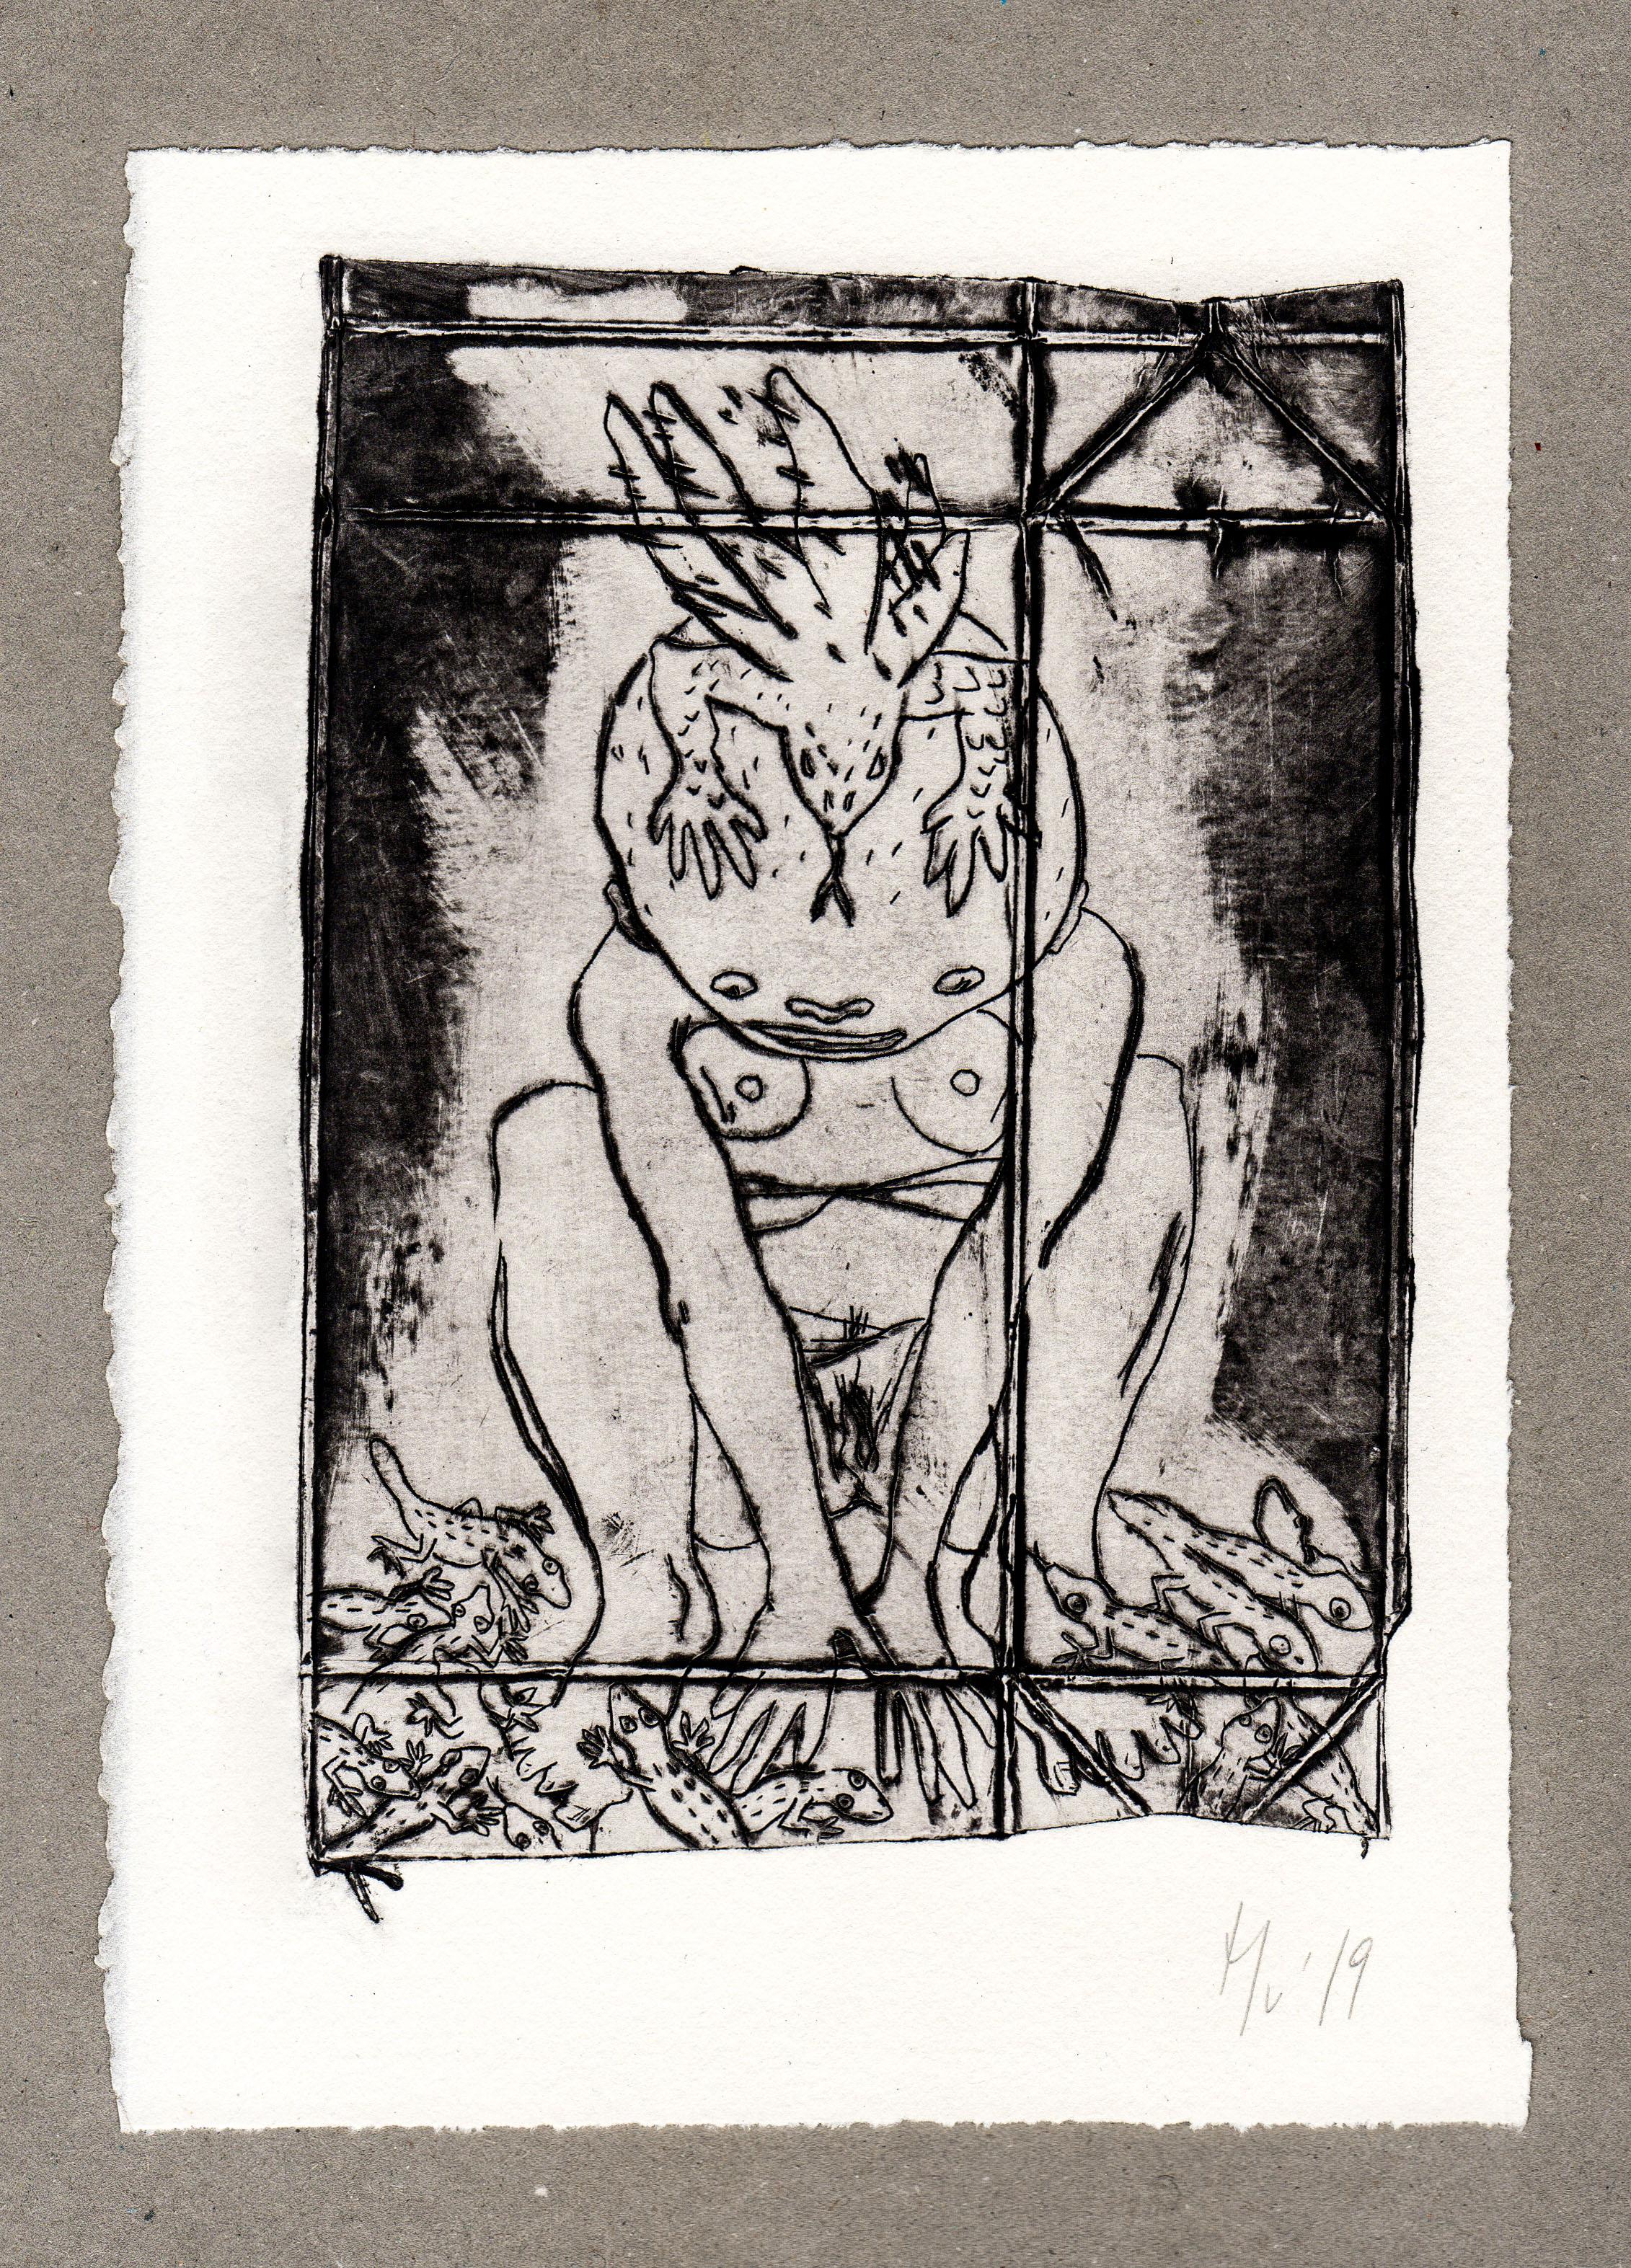 Mu Blondeau La Célébration des Métamorphoses avortées Gravure Pointe sèche Tetra Pak-7